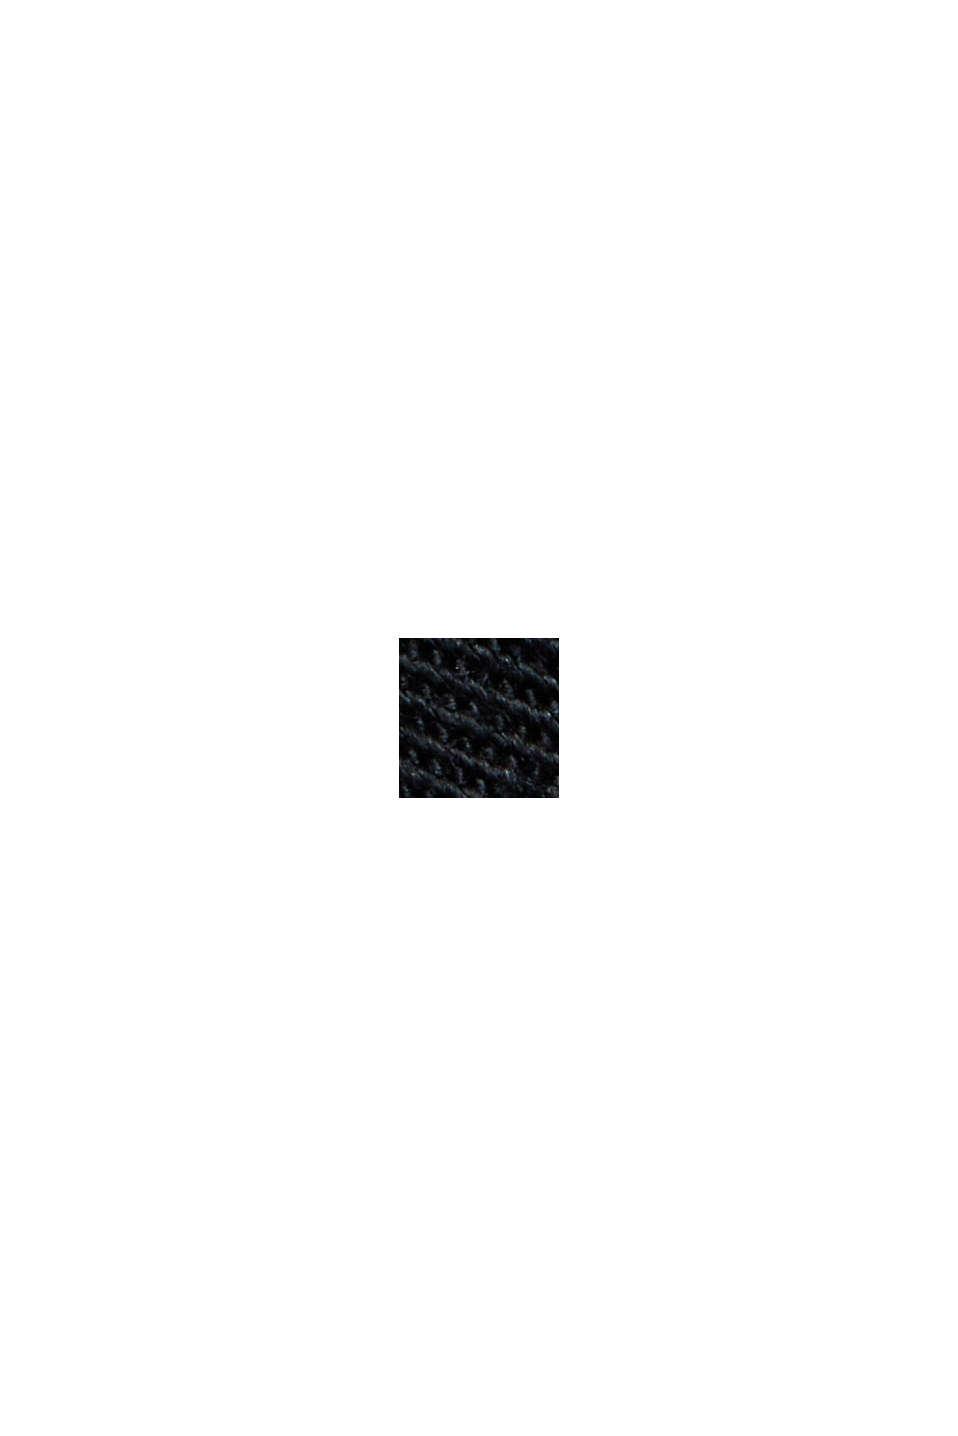 PLAY-cargohousut, 100 % luomupuuvillaa, BLACK, swatch